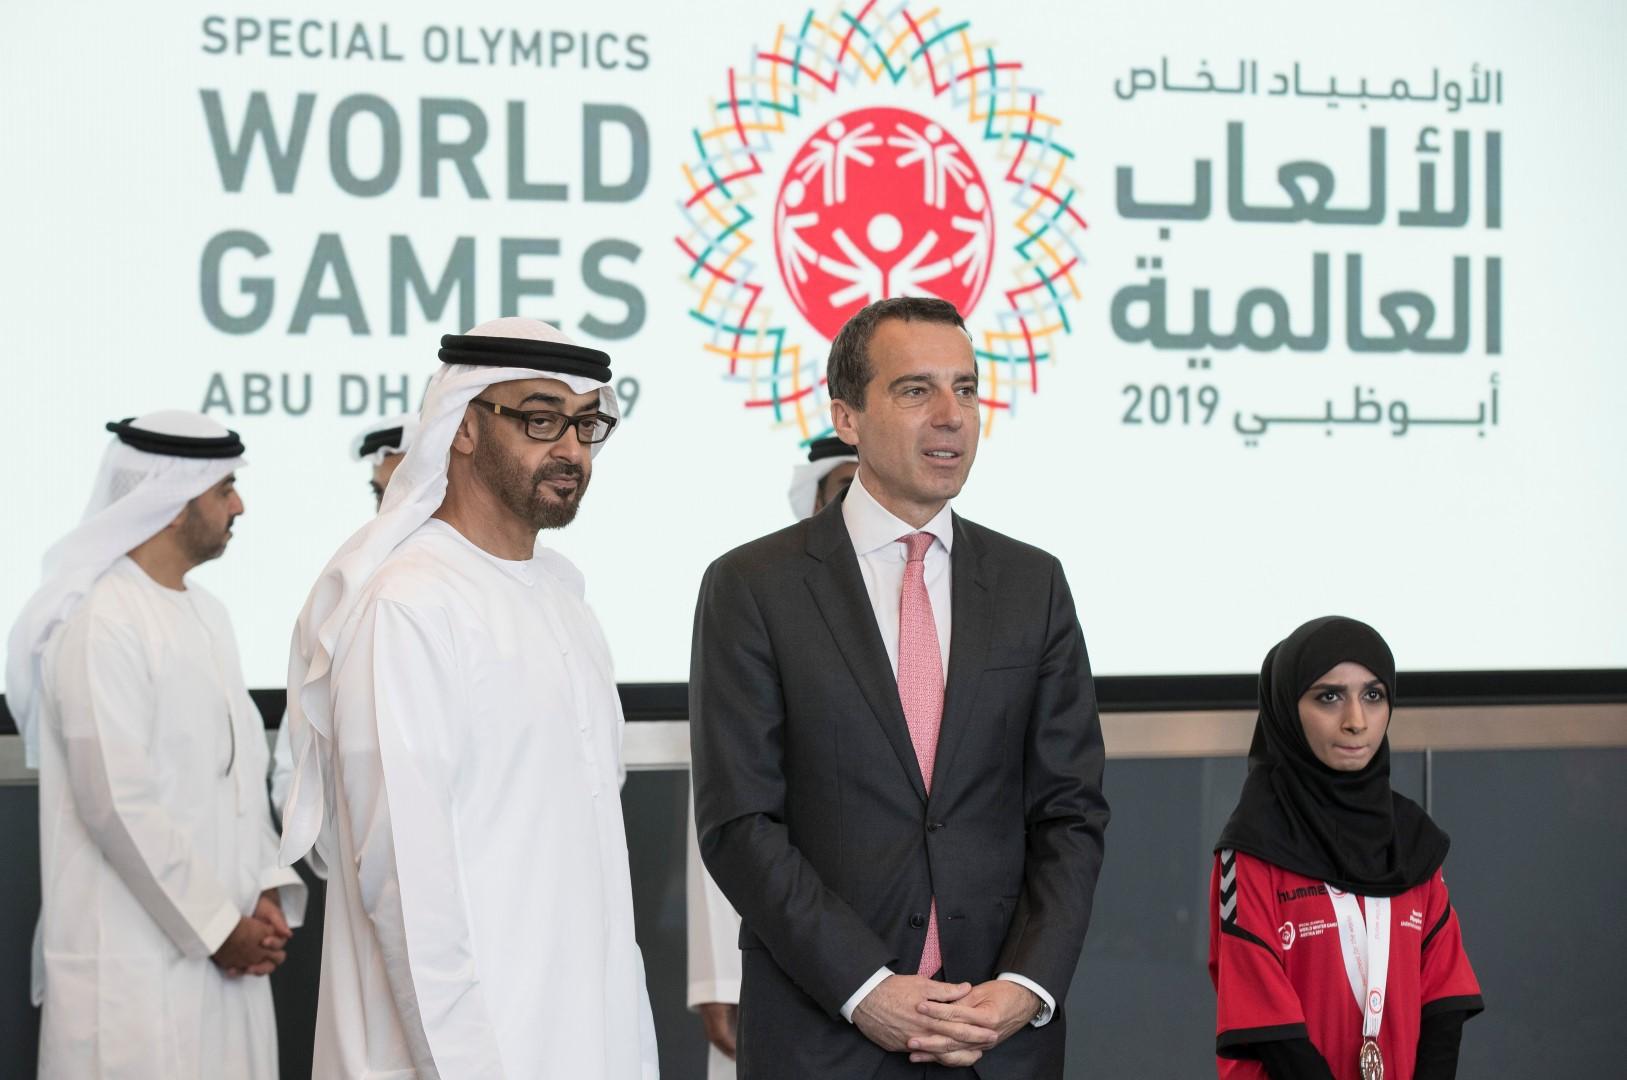 محمد بن زايد يتسلم علم دورة الأولمبياد الخاص 4